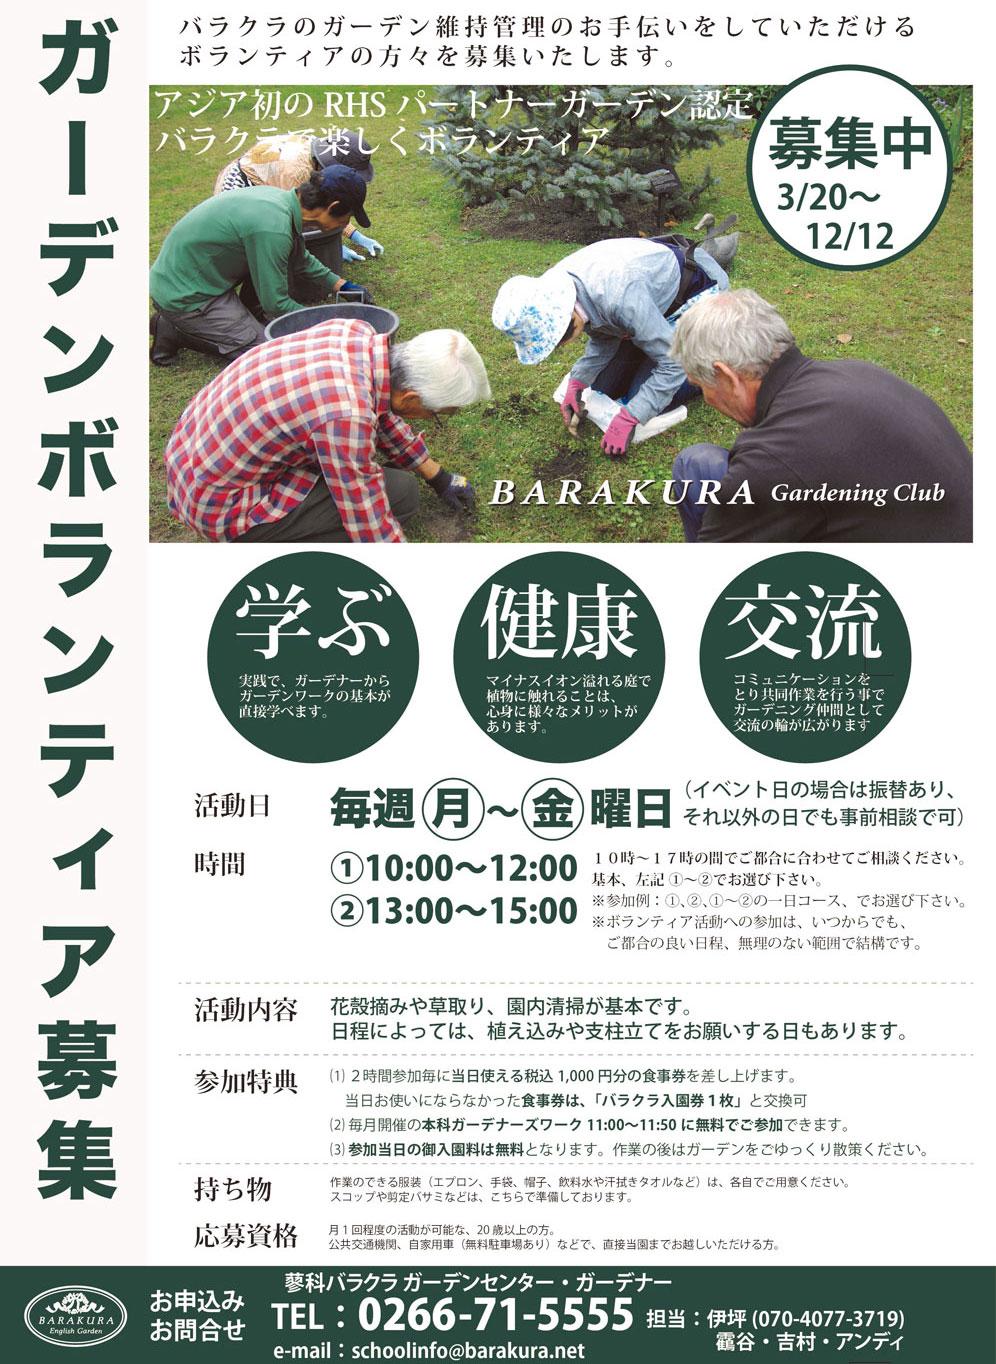 ガーデンボランティア 募集